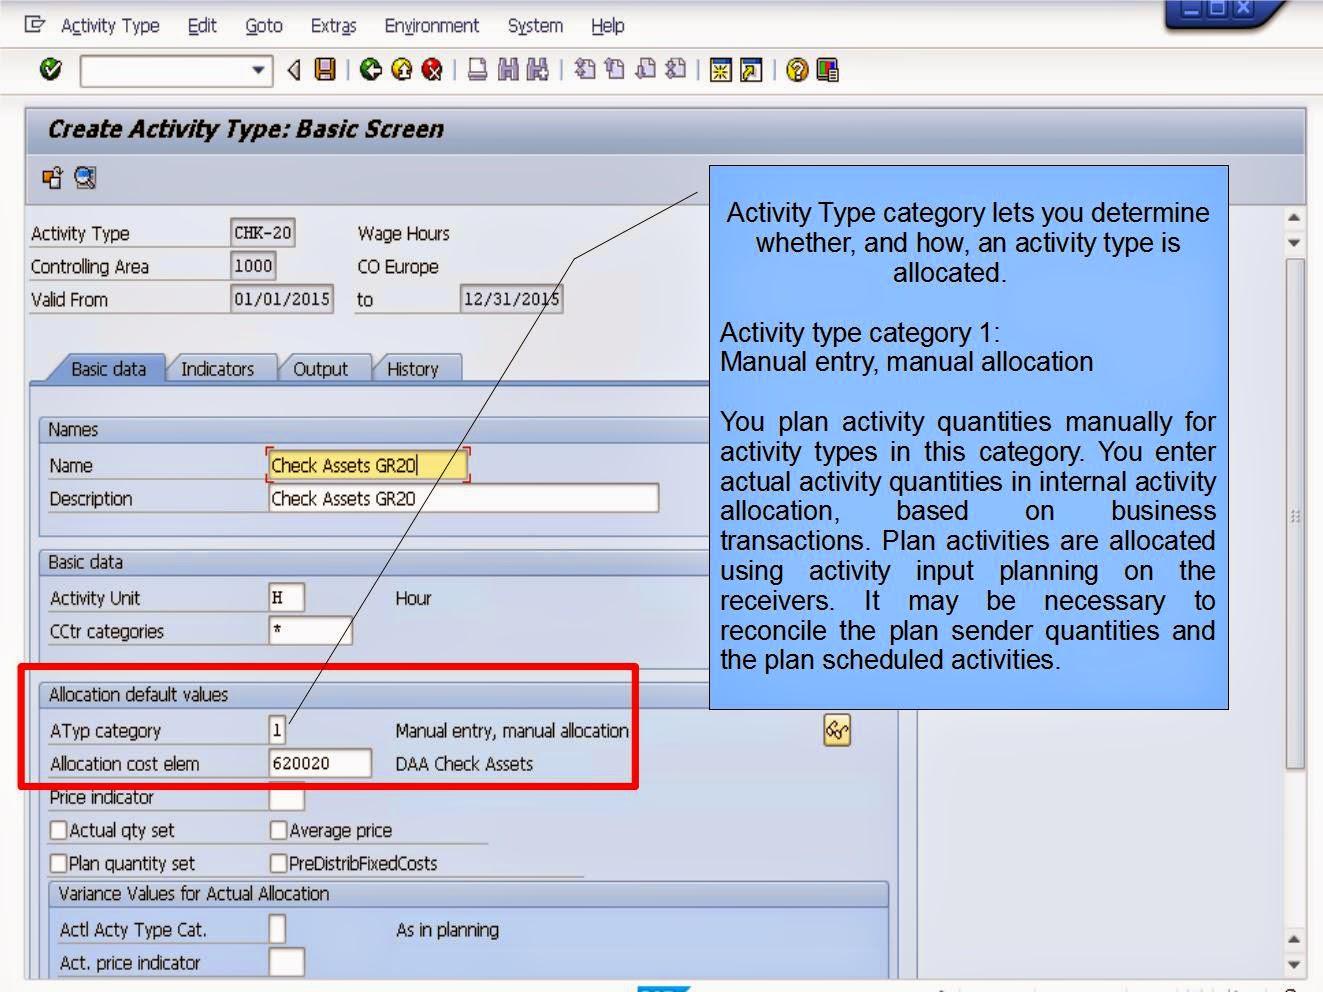 青蛙SAP分享 Learning & Examination: Controlloing Cost Object